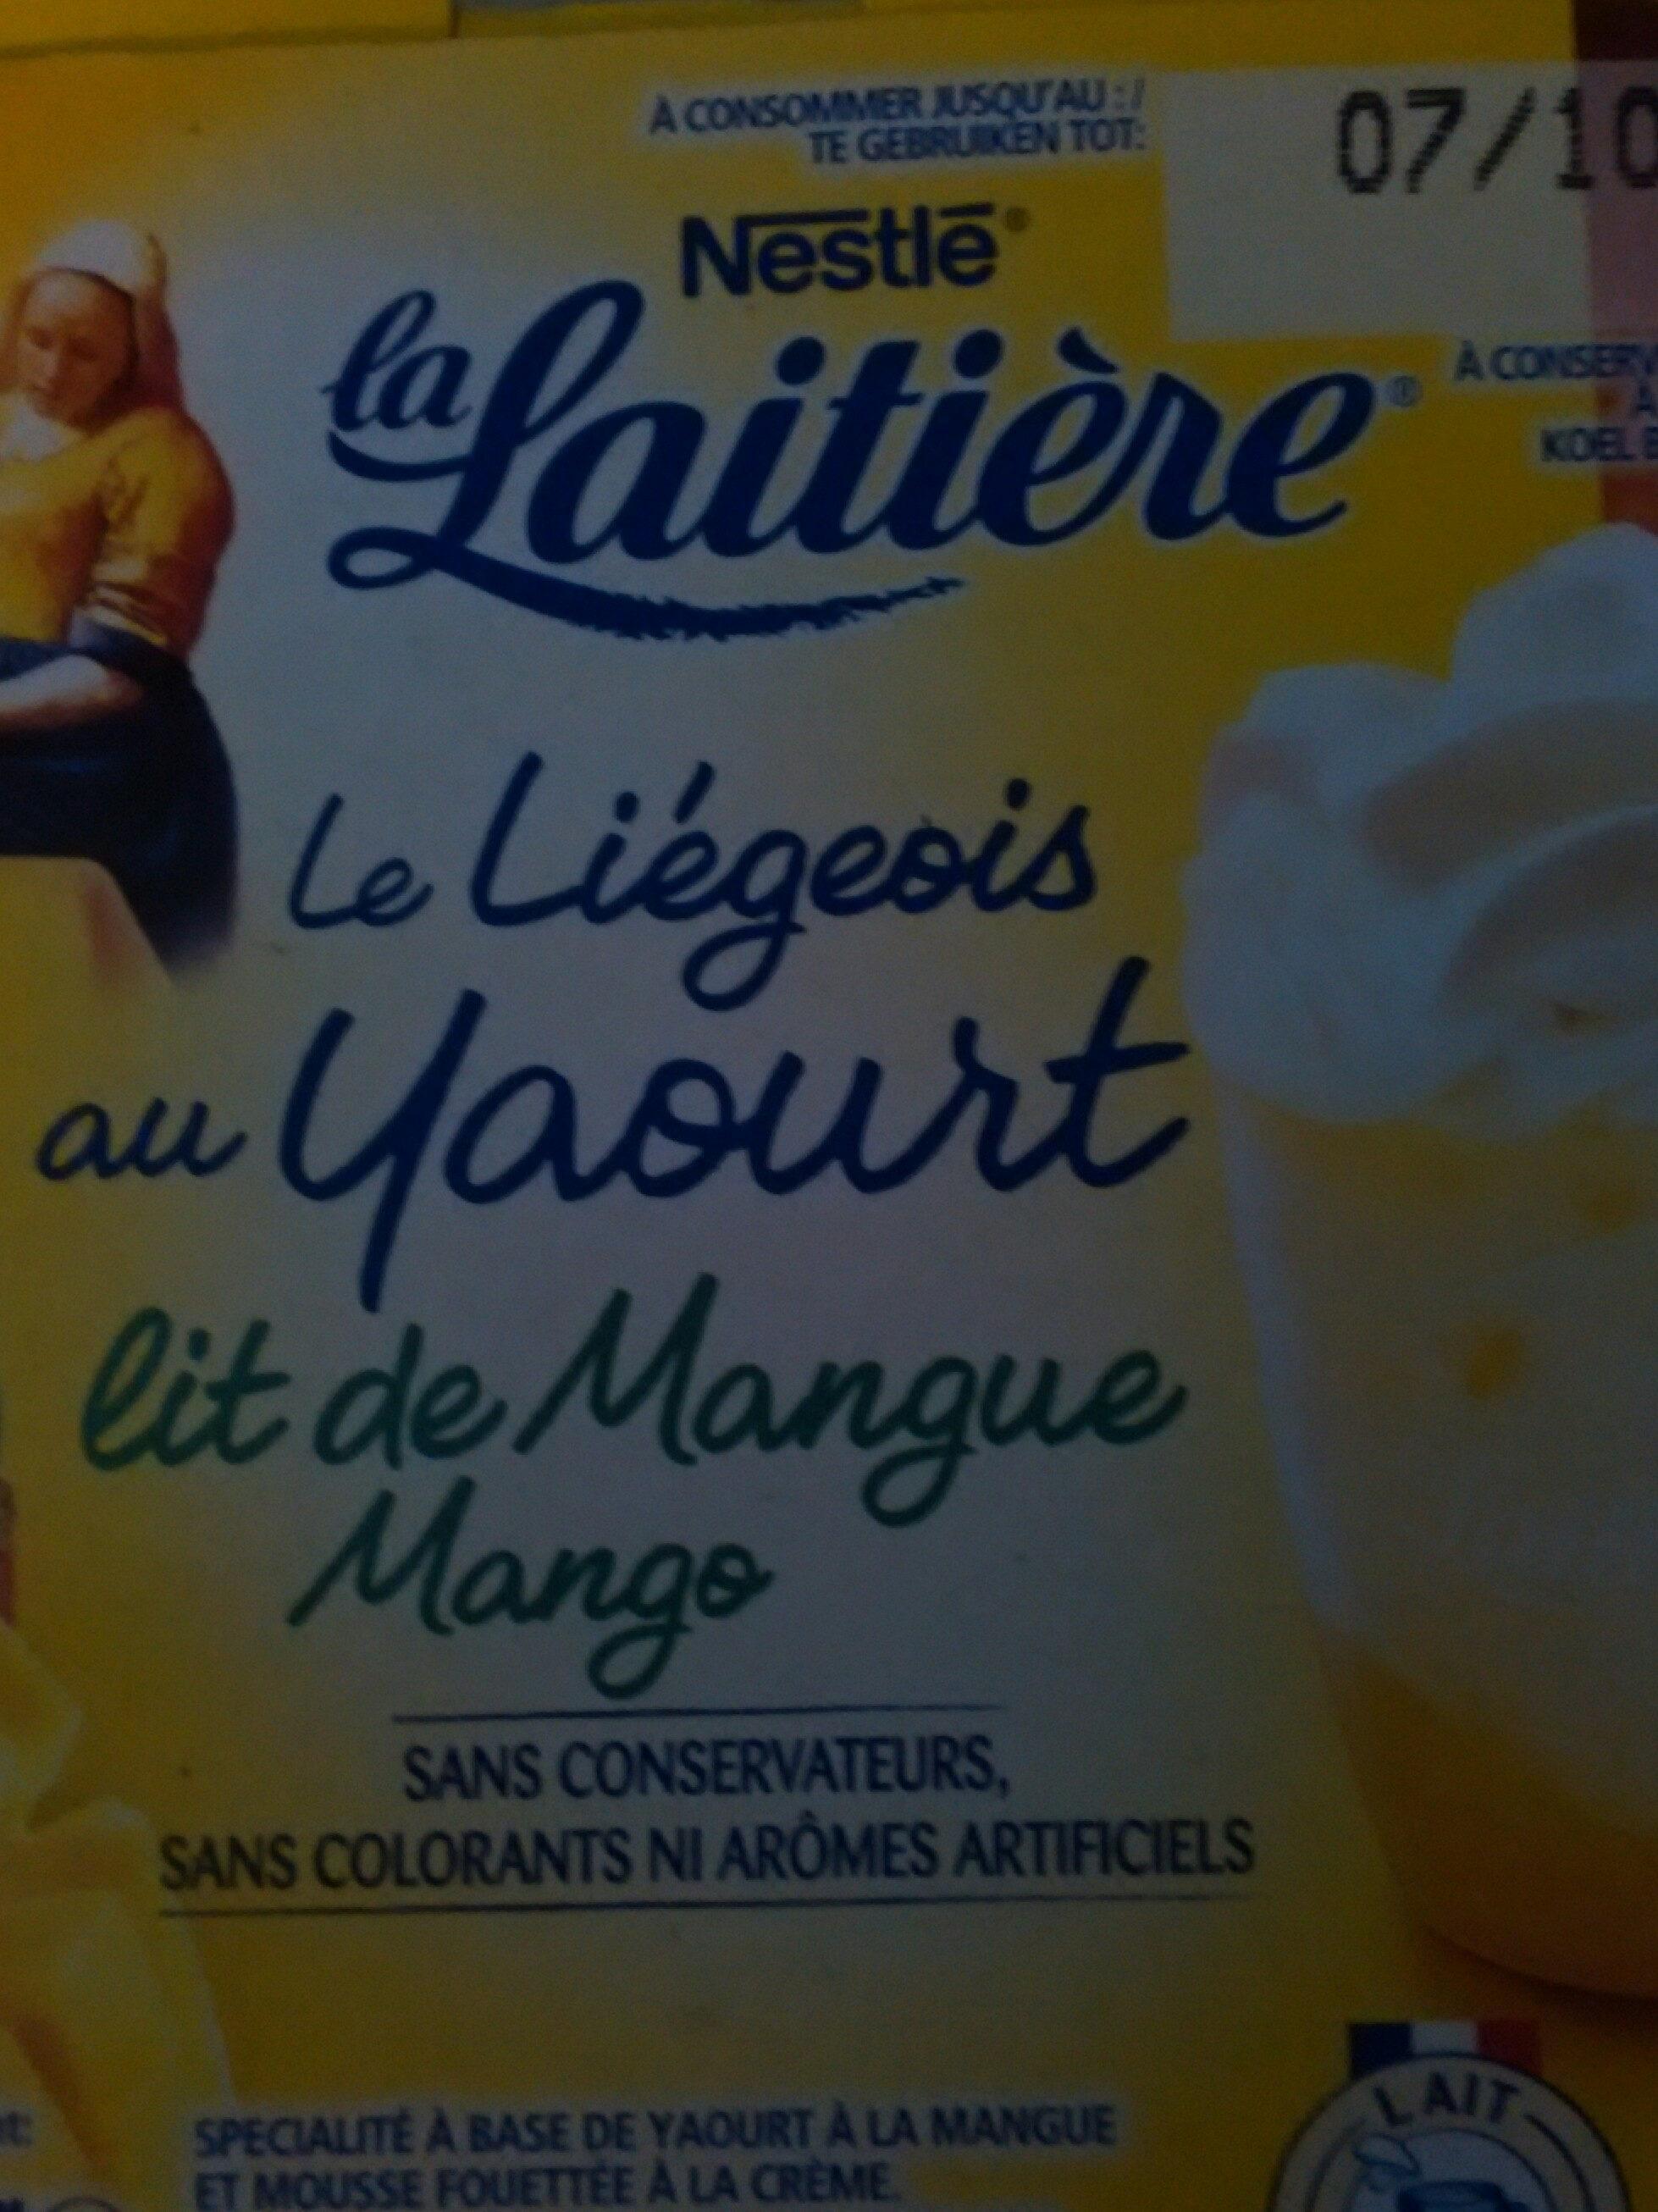 Le liégeois au yaourt lit de mangue - Voedingswaarden